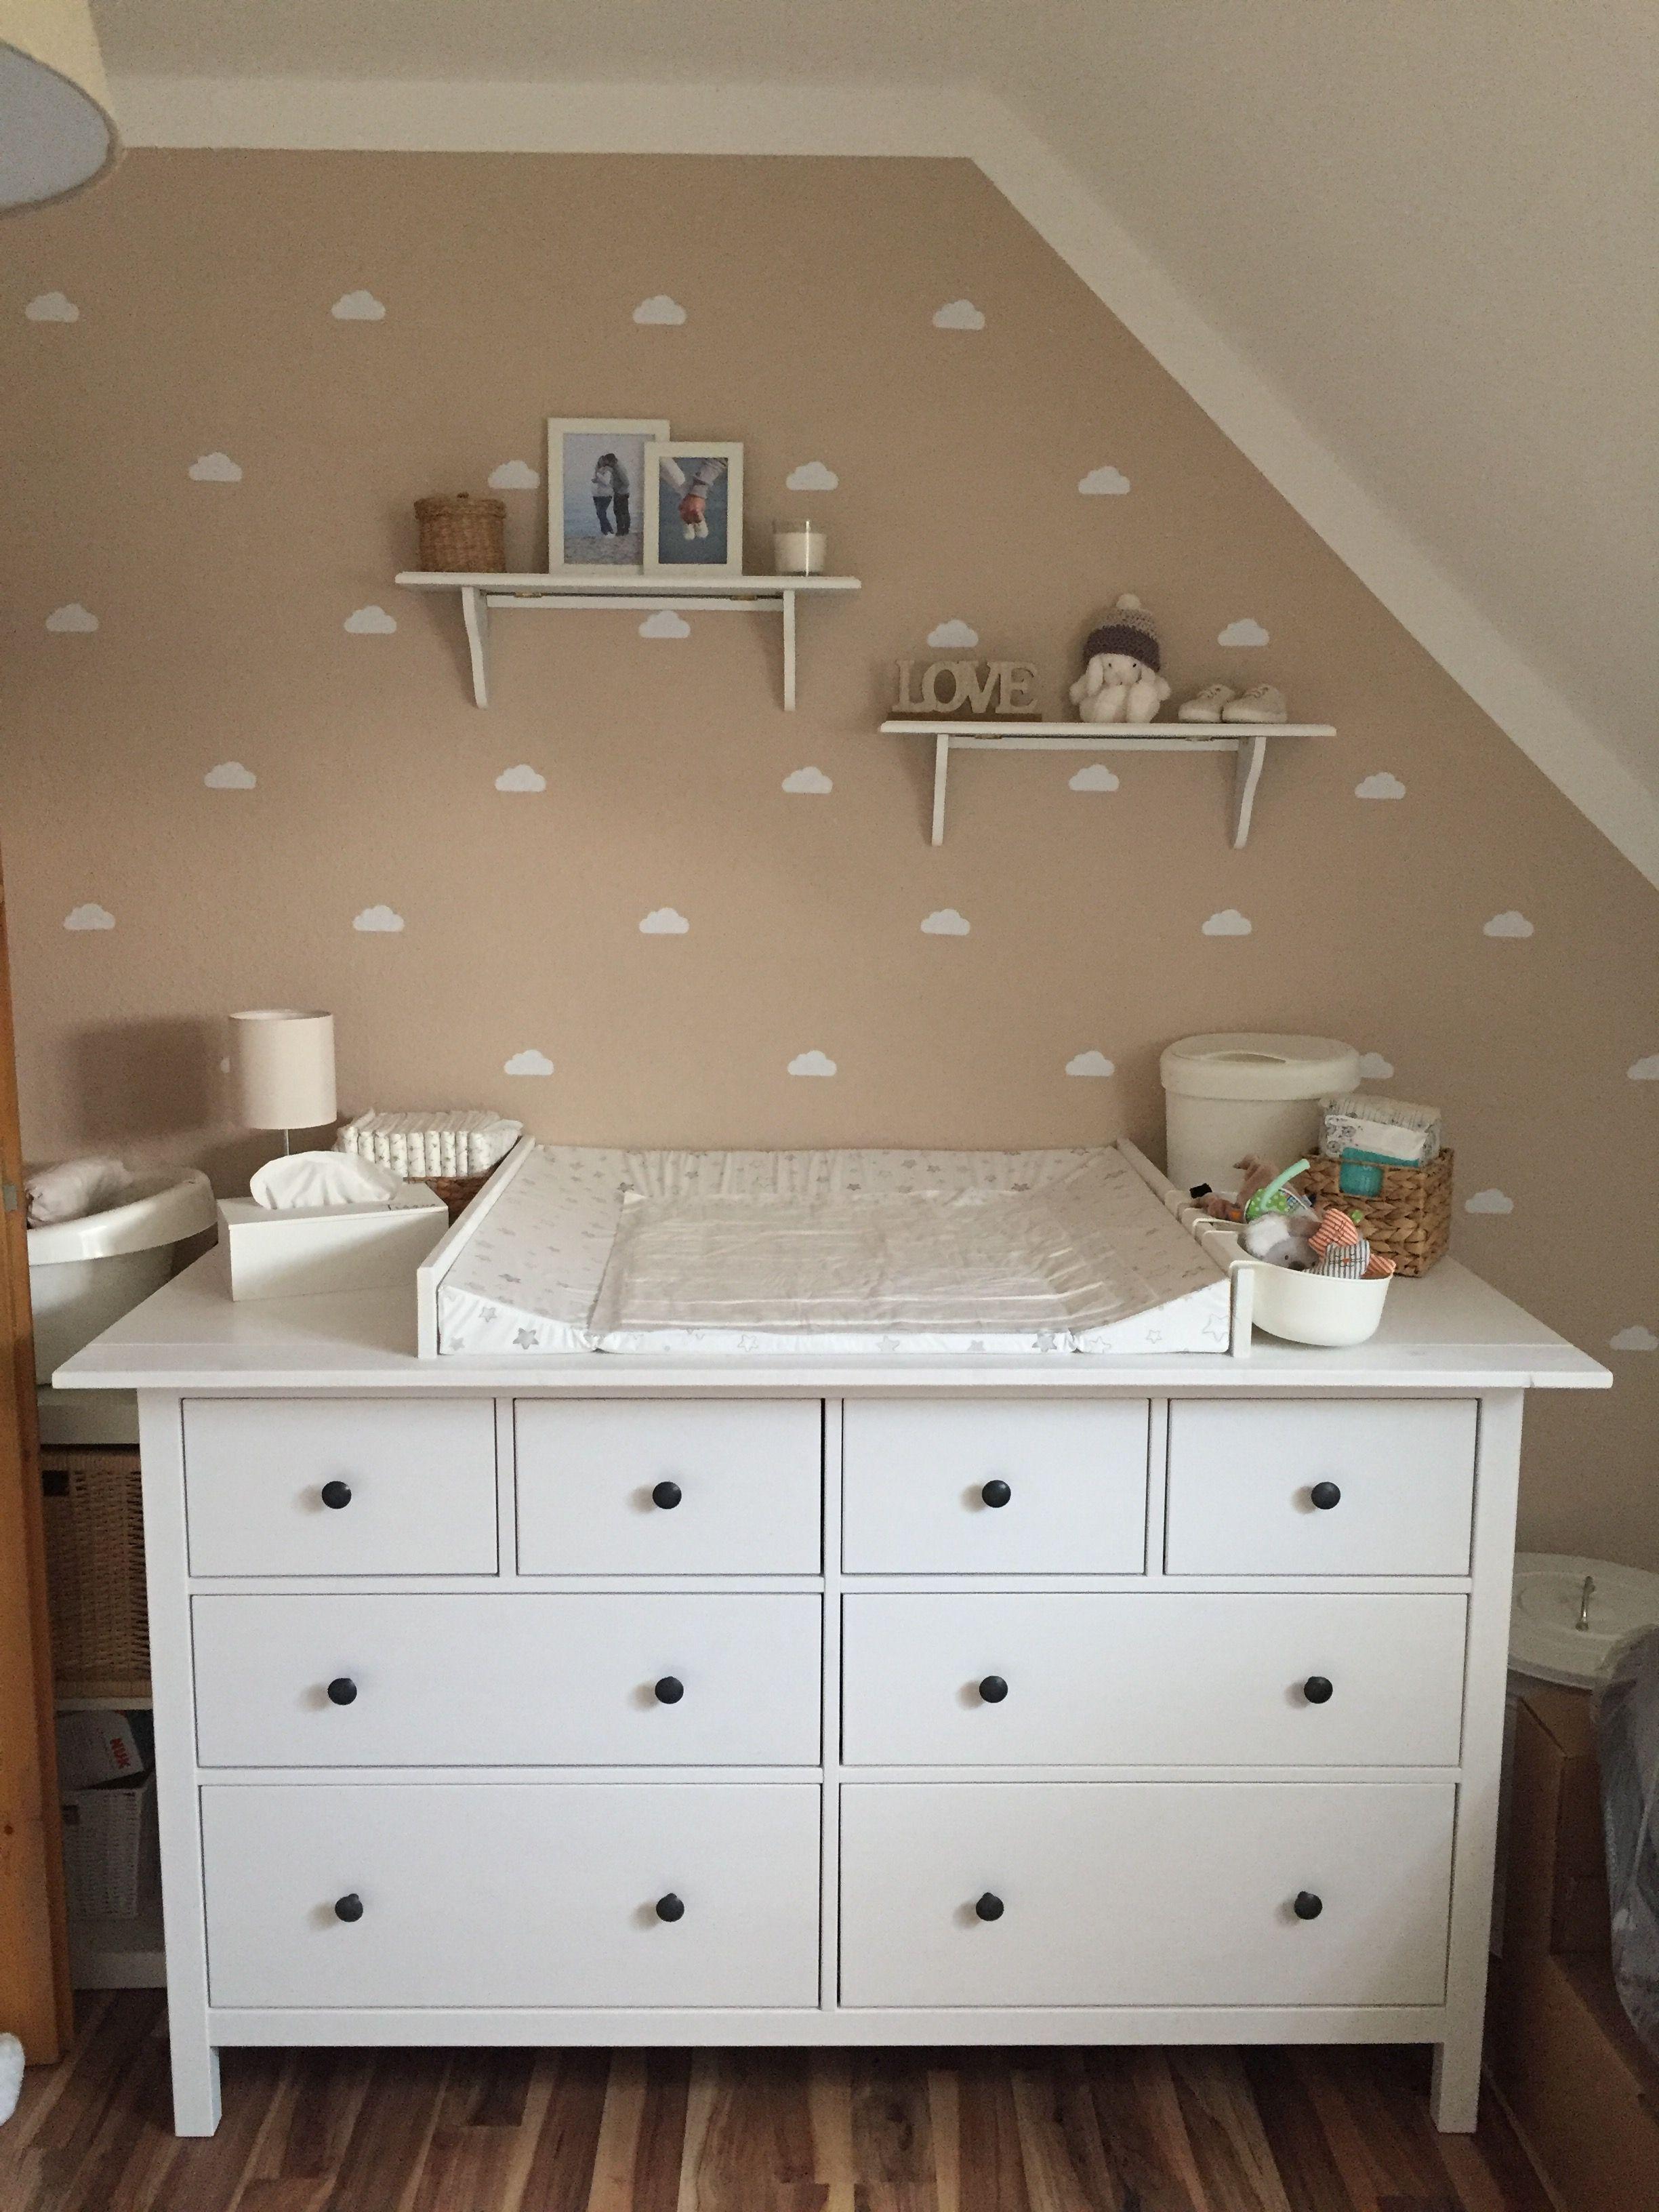 Elegant Kinderzimmer Babyzimmer Beige Wolken Ikea Wickelkomode Weiß Wickeln Baby